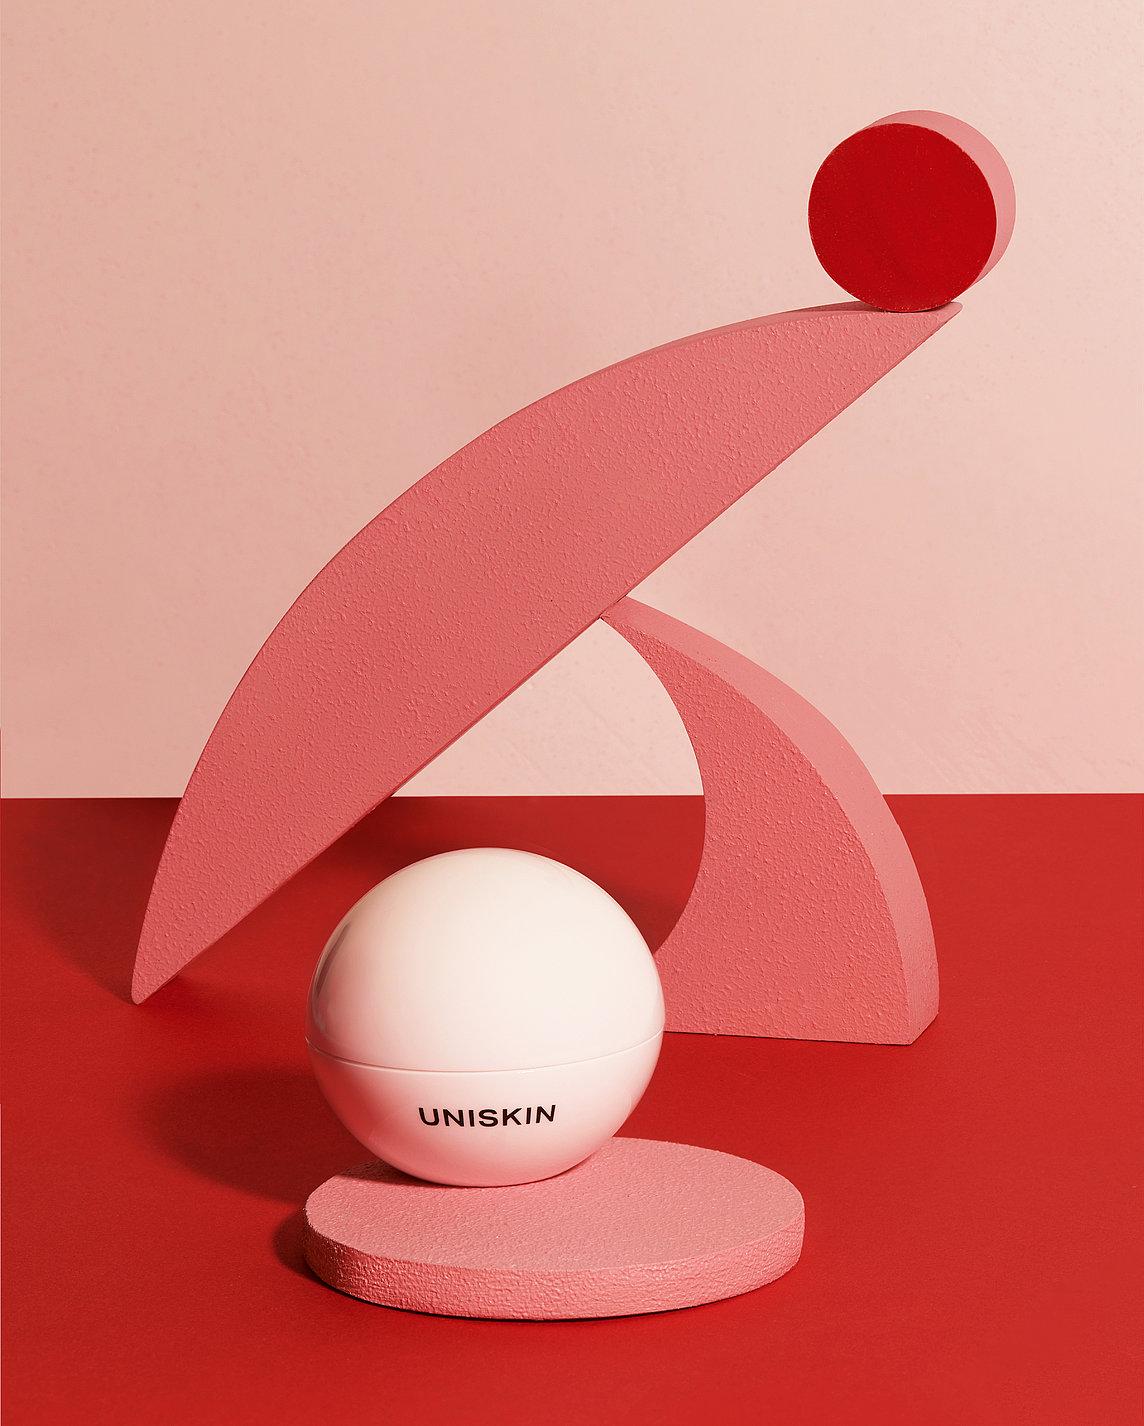 UNISKIN | Red Dot Design Award